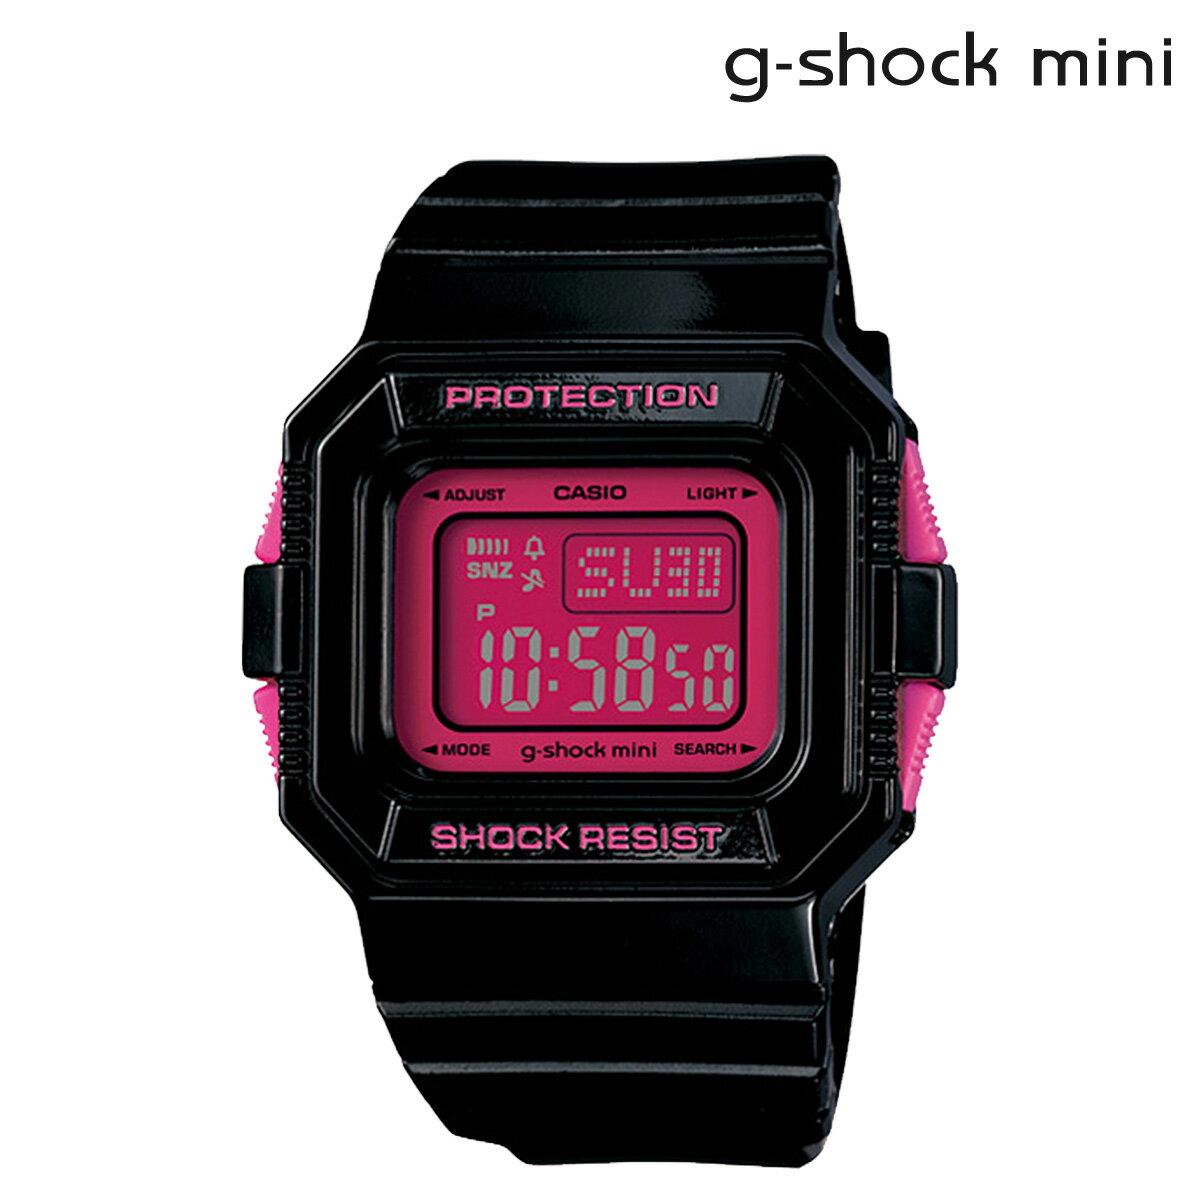 腕時計, レディース腕時計 600OFF CASIO g-shock mini GMN-550-1BJR G G-